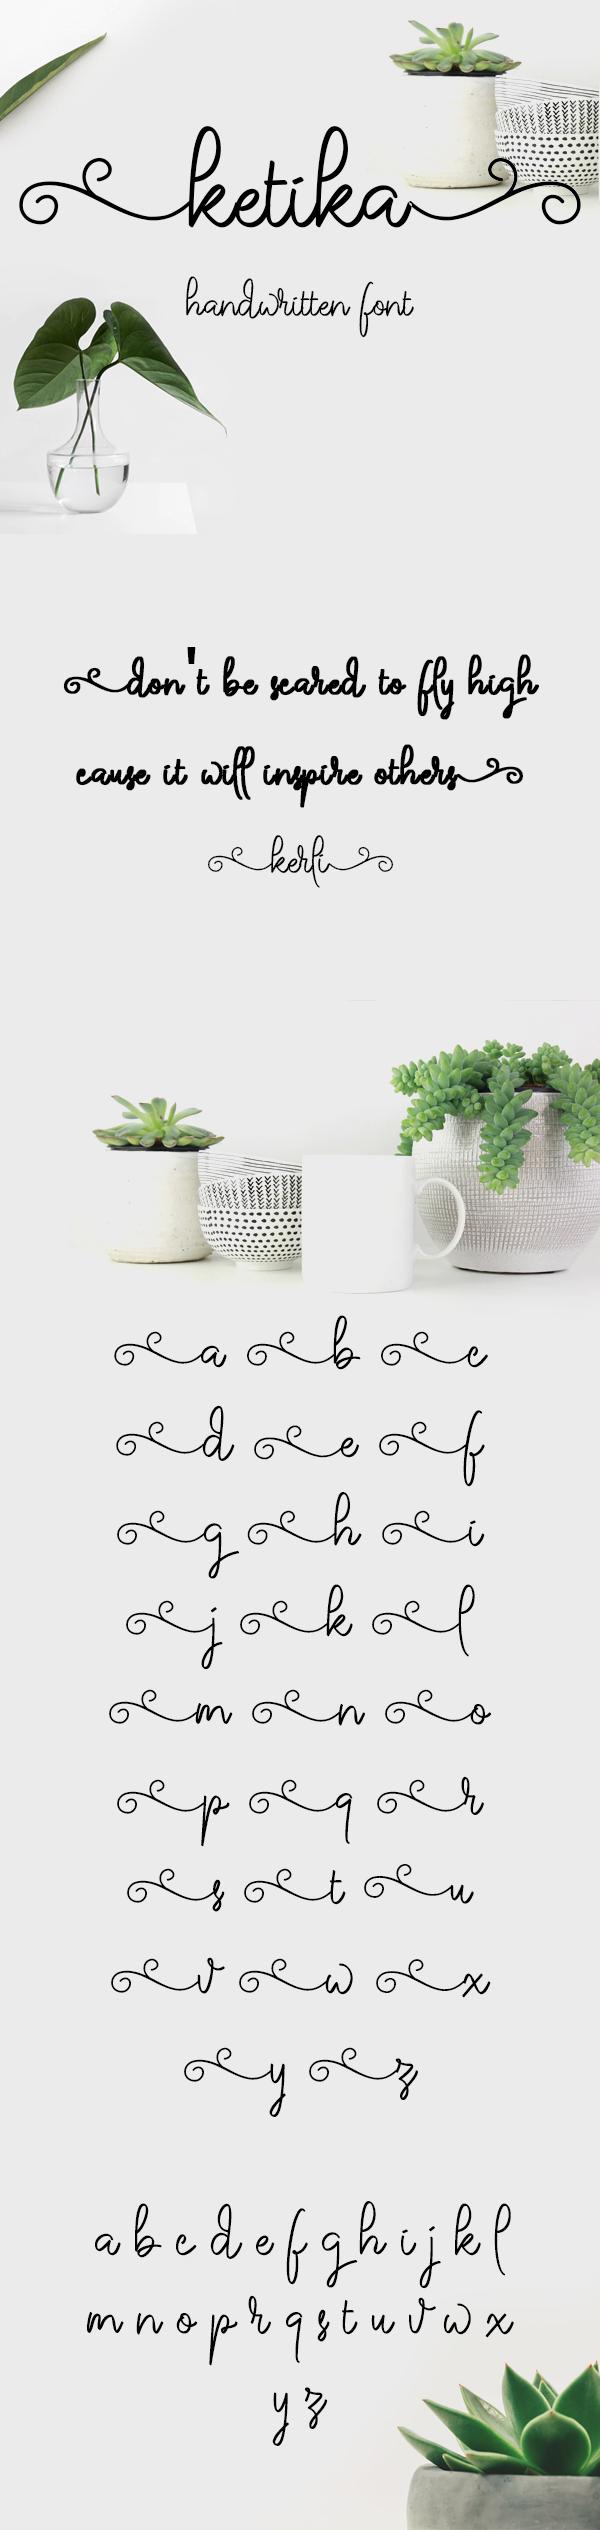 Ketika Free Font Font